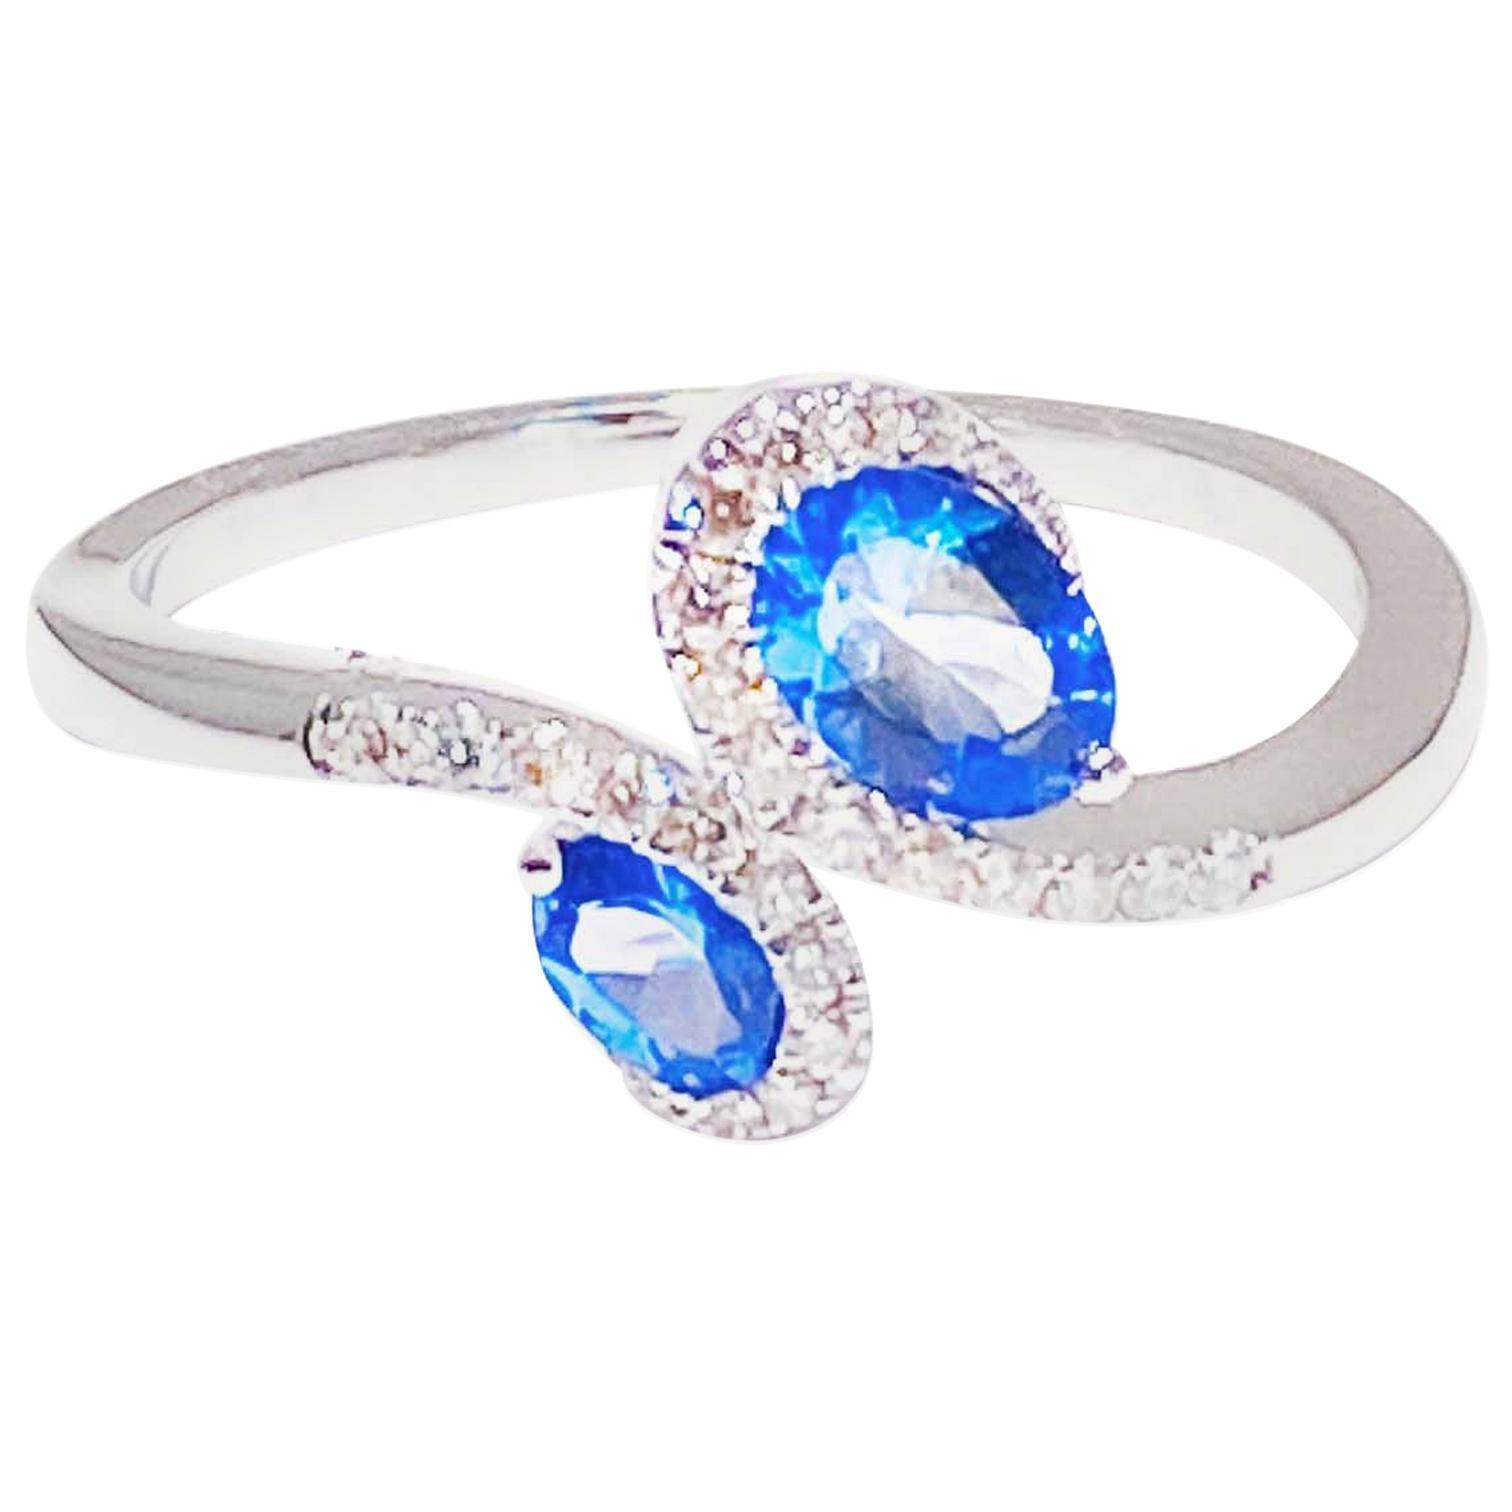 Tanzanite and Diamond Asymmetric Ring, 14 Karat White Gold 1 Carat Tanzanite